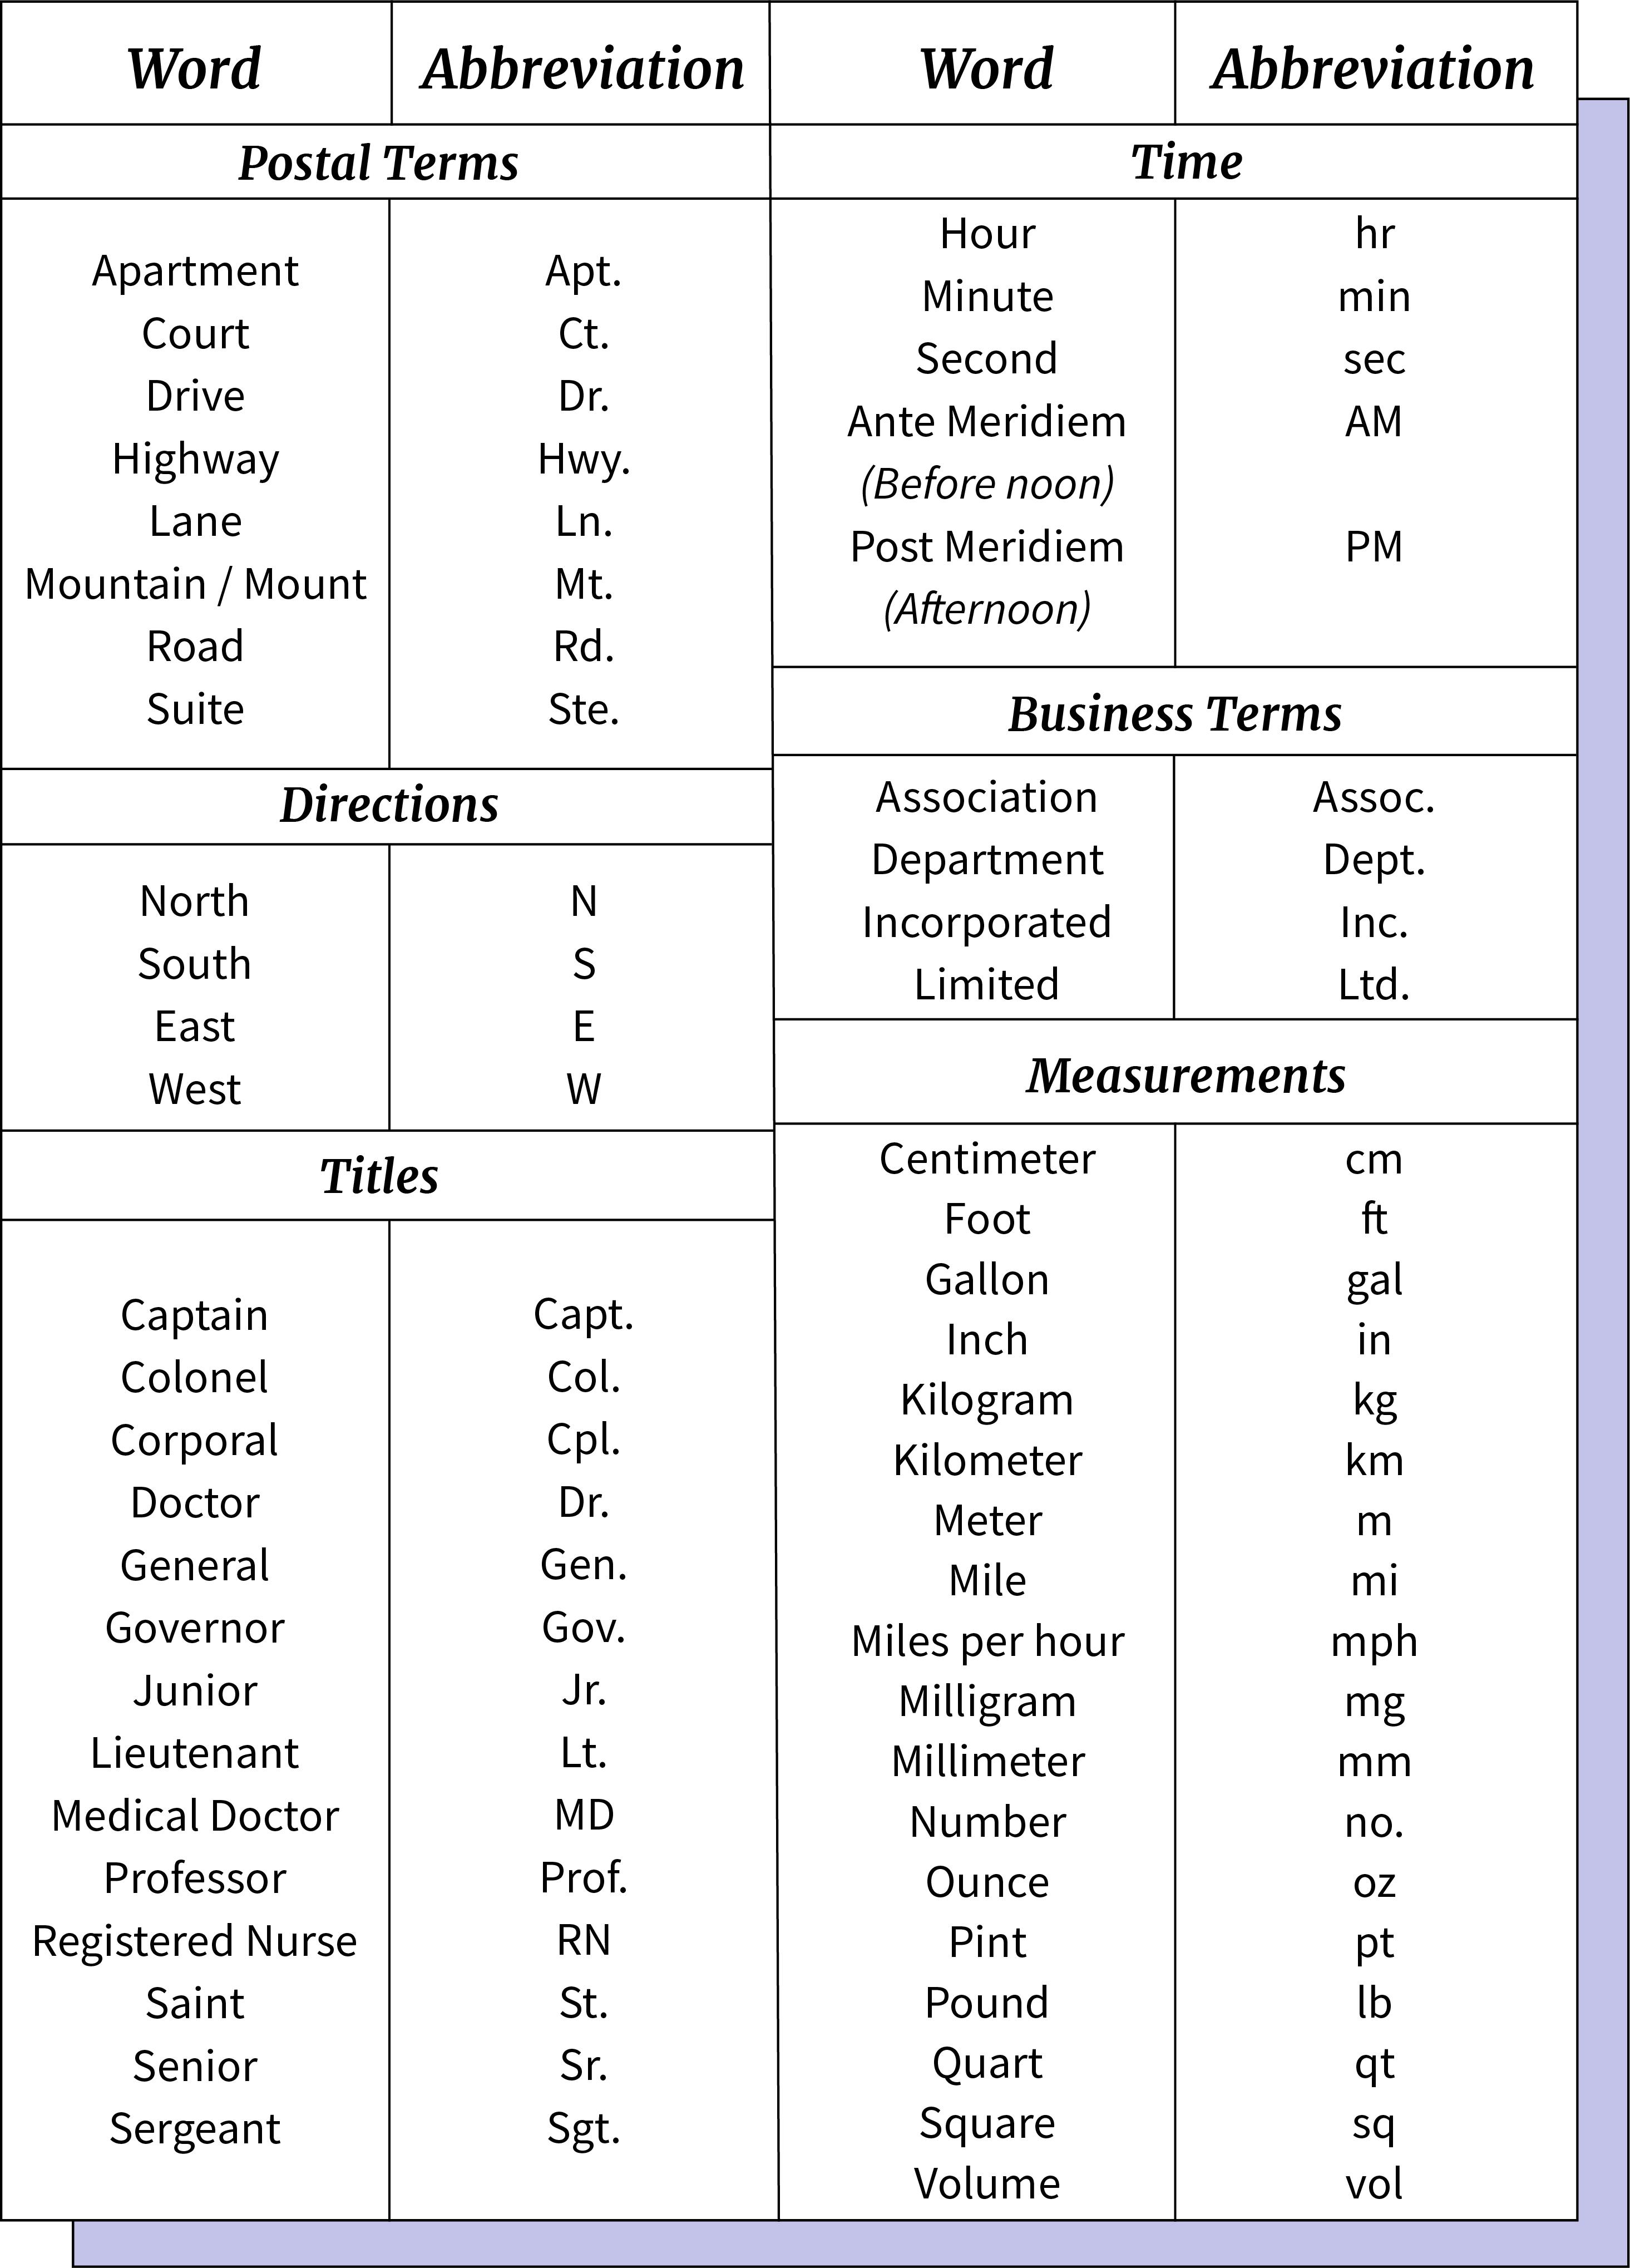 Tabela de abreviações mais comuns no inglês.